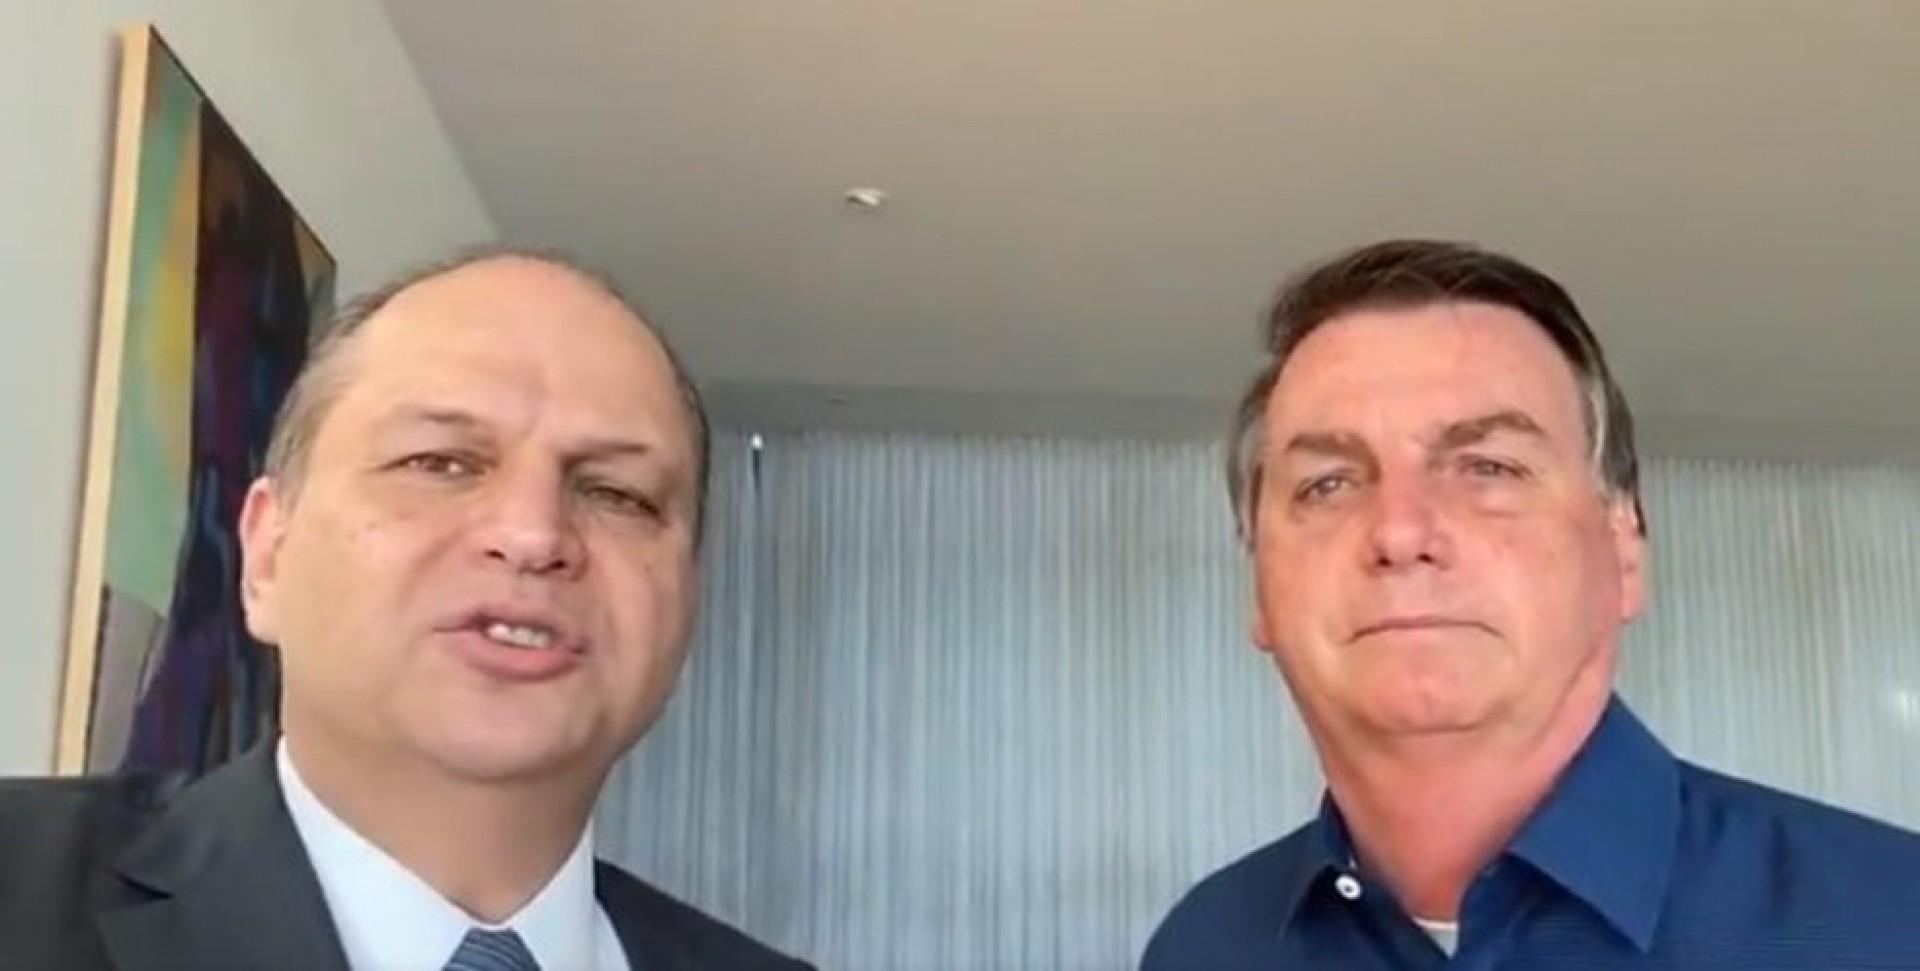 Ricardo Barros é líder do governo Bolsonaro